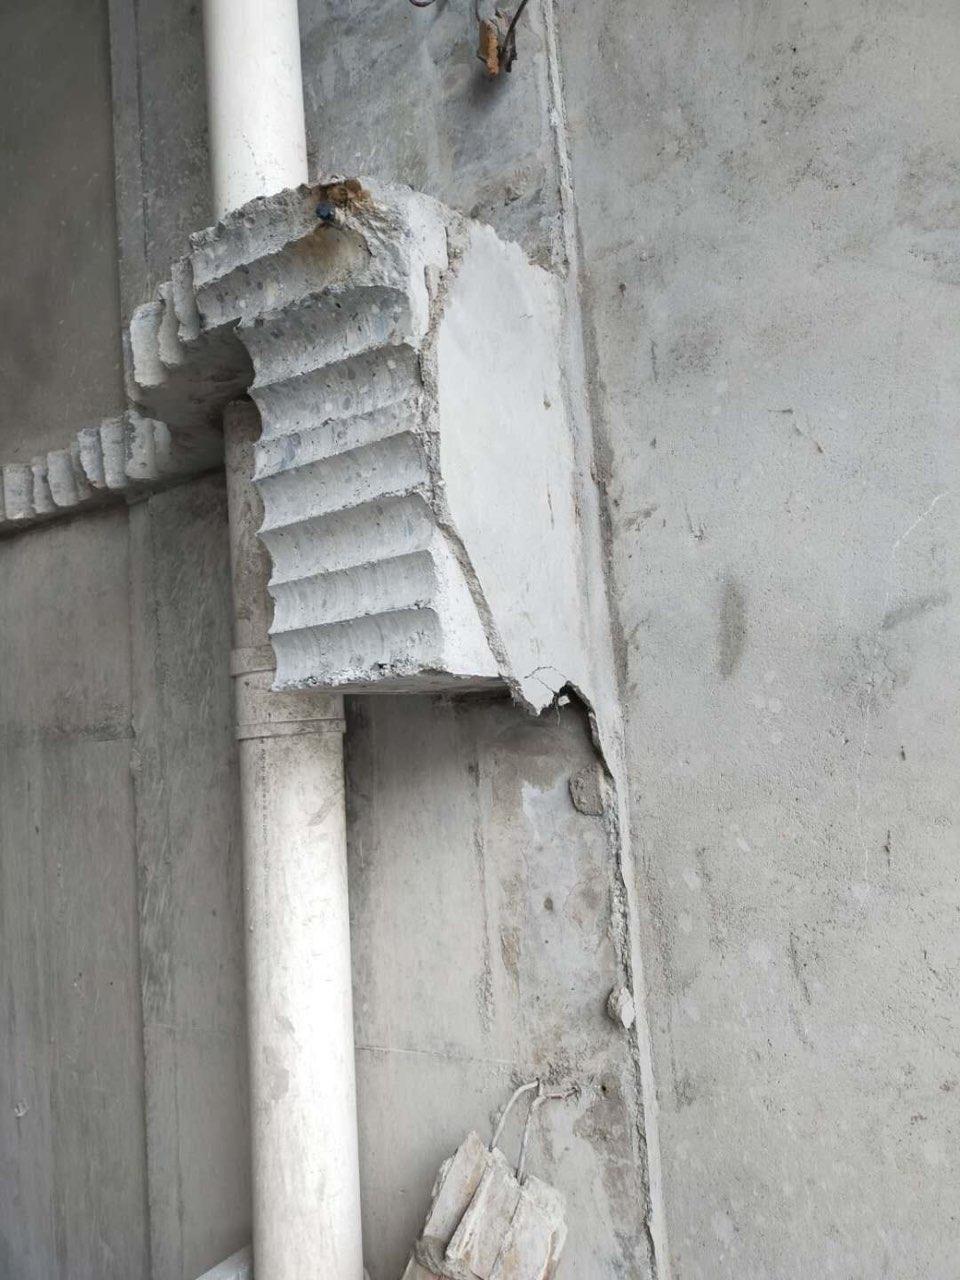 七里华胥路万鑫国际房子从一楼到顶楼全部开裂